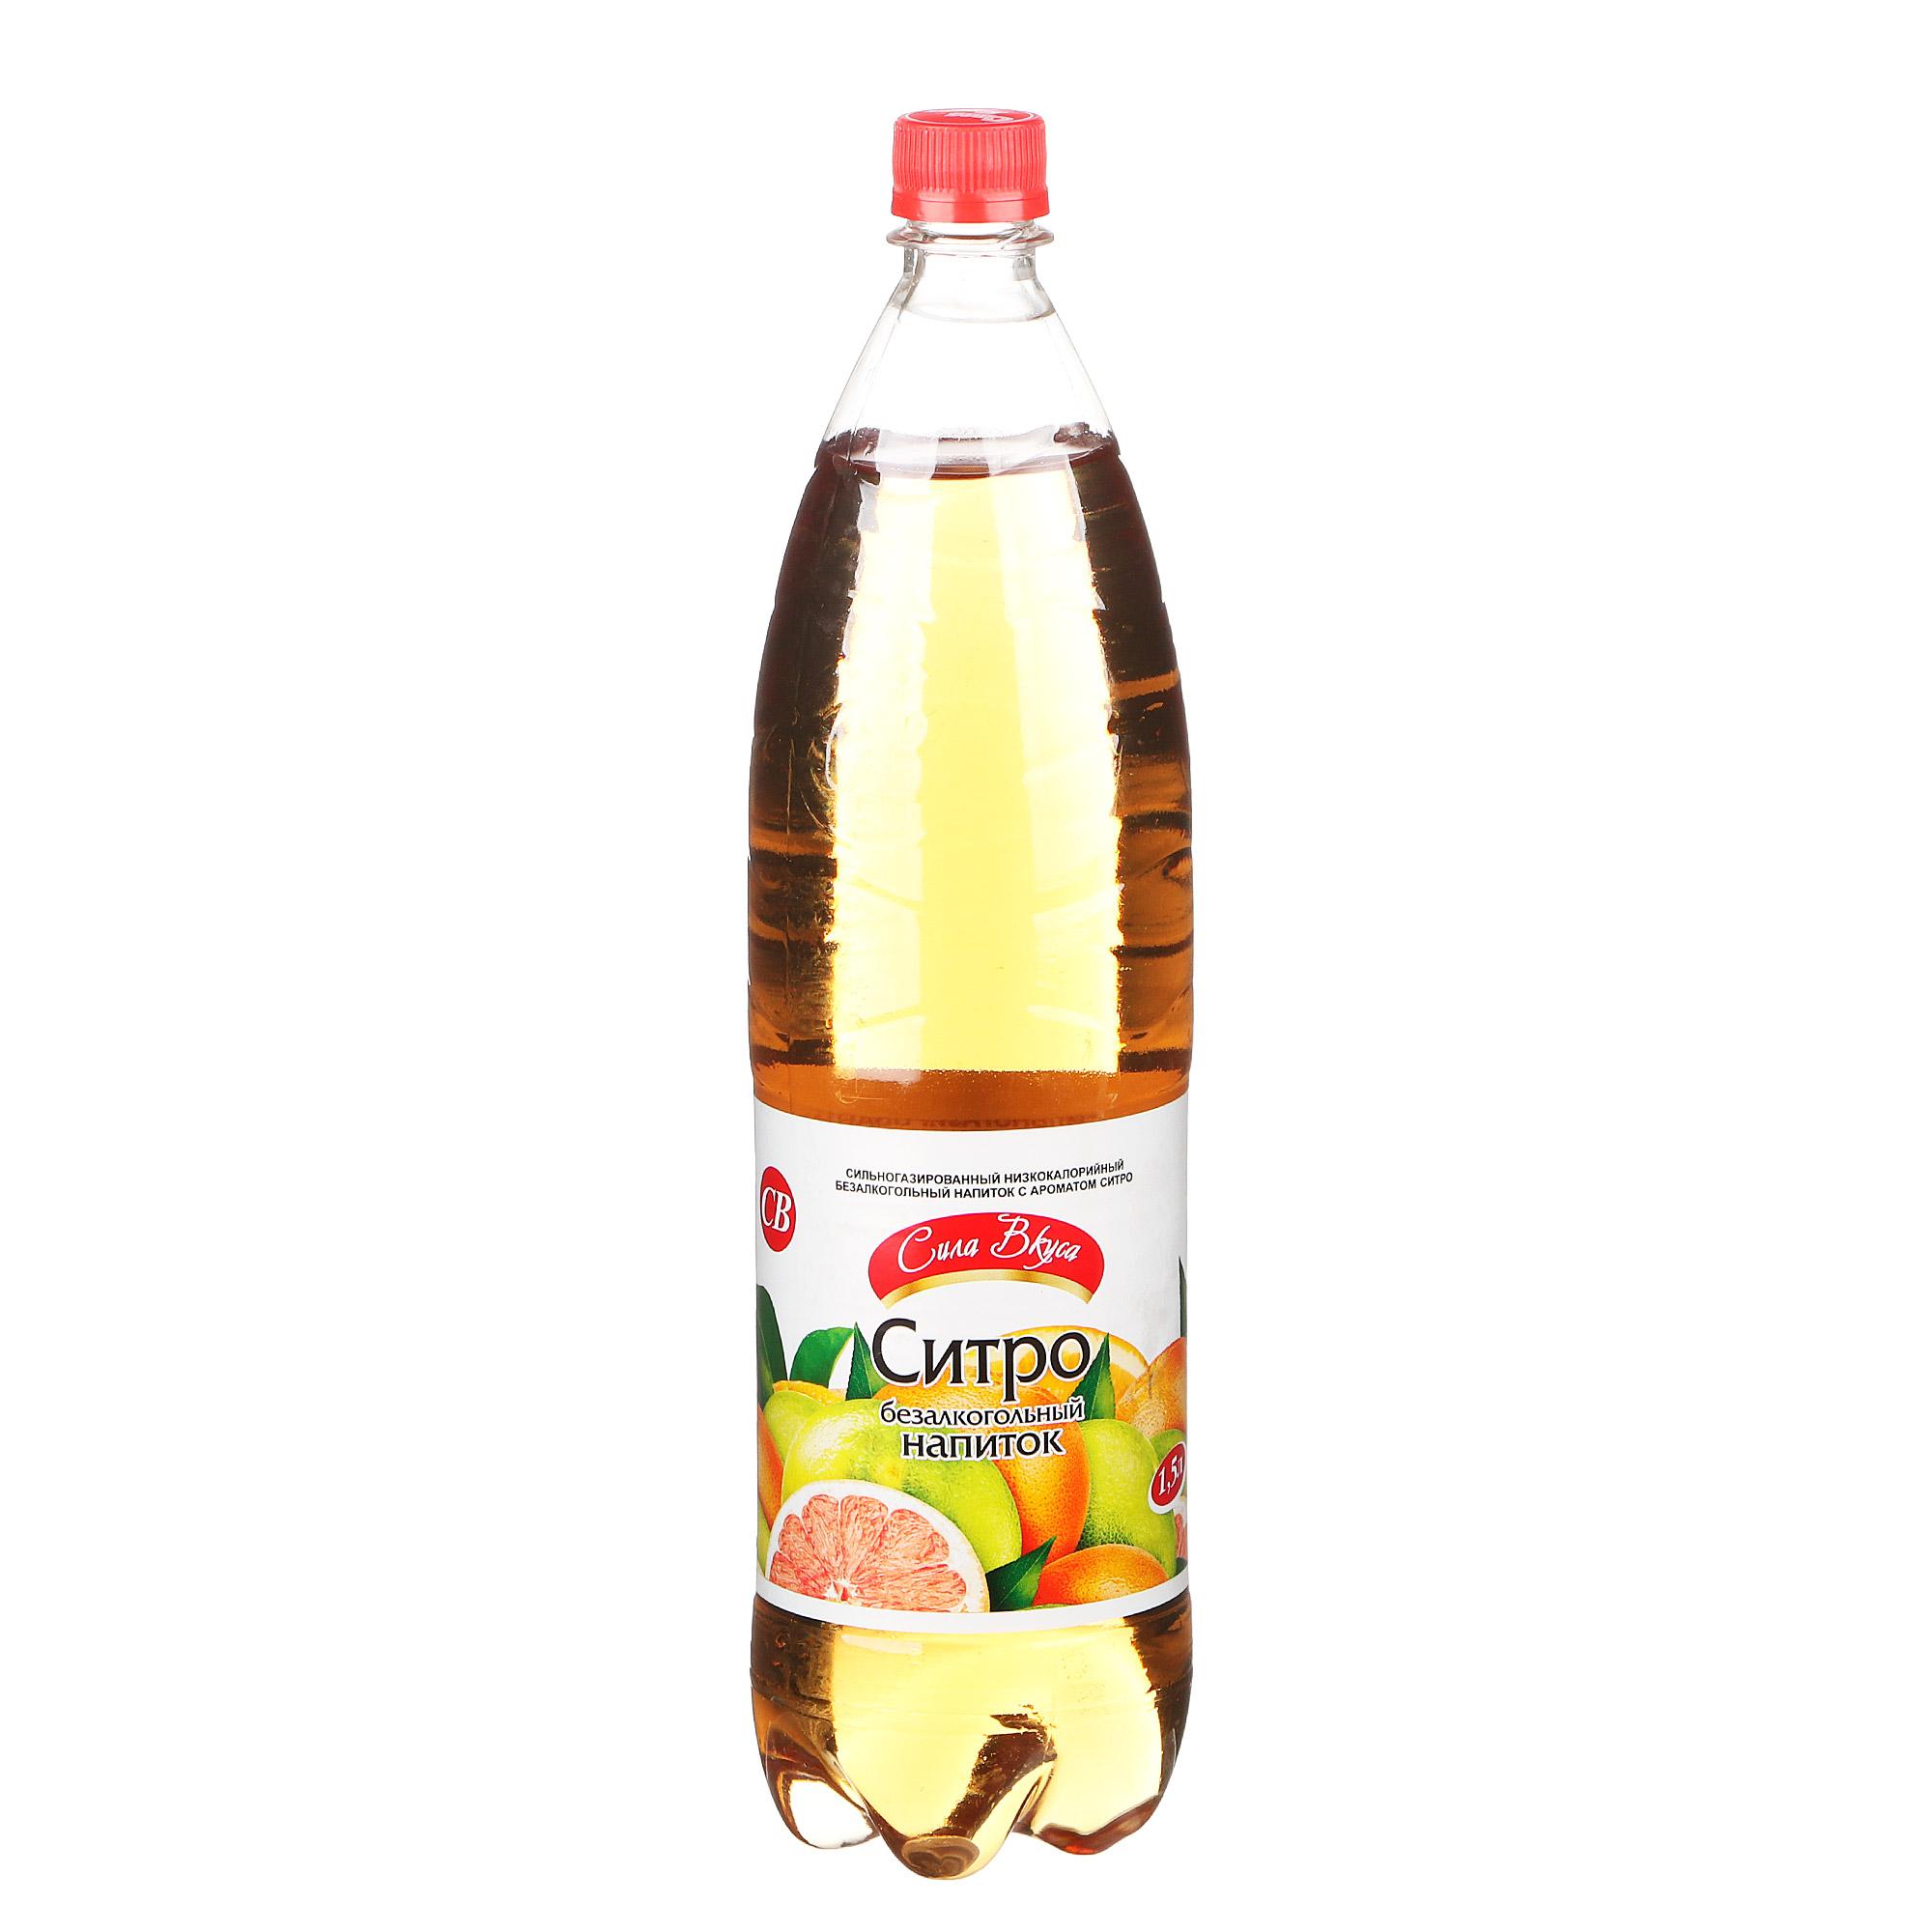 Напиток газированный Сила Вкуса Ситро 1,5 л напиток газированный сладкий leo экстра ситро 500 мл